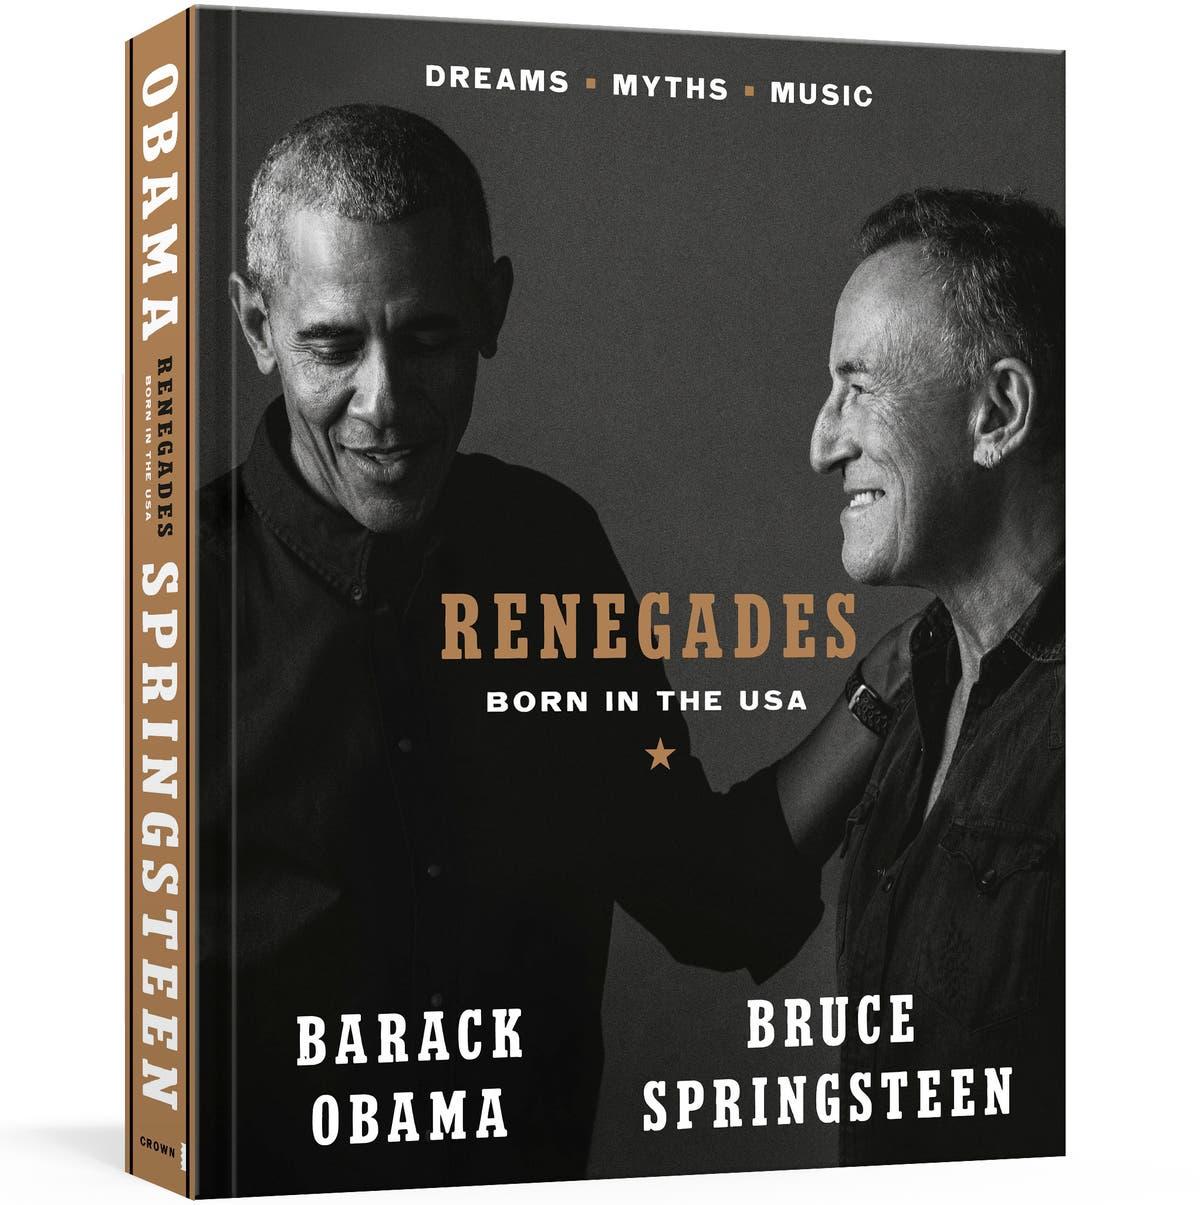 审查: Obama, Springsteen's 'Renegades' is smart, beautiful